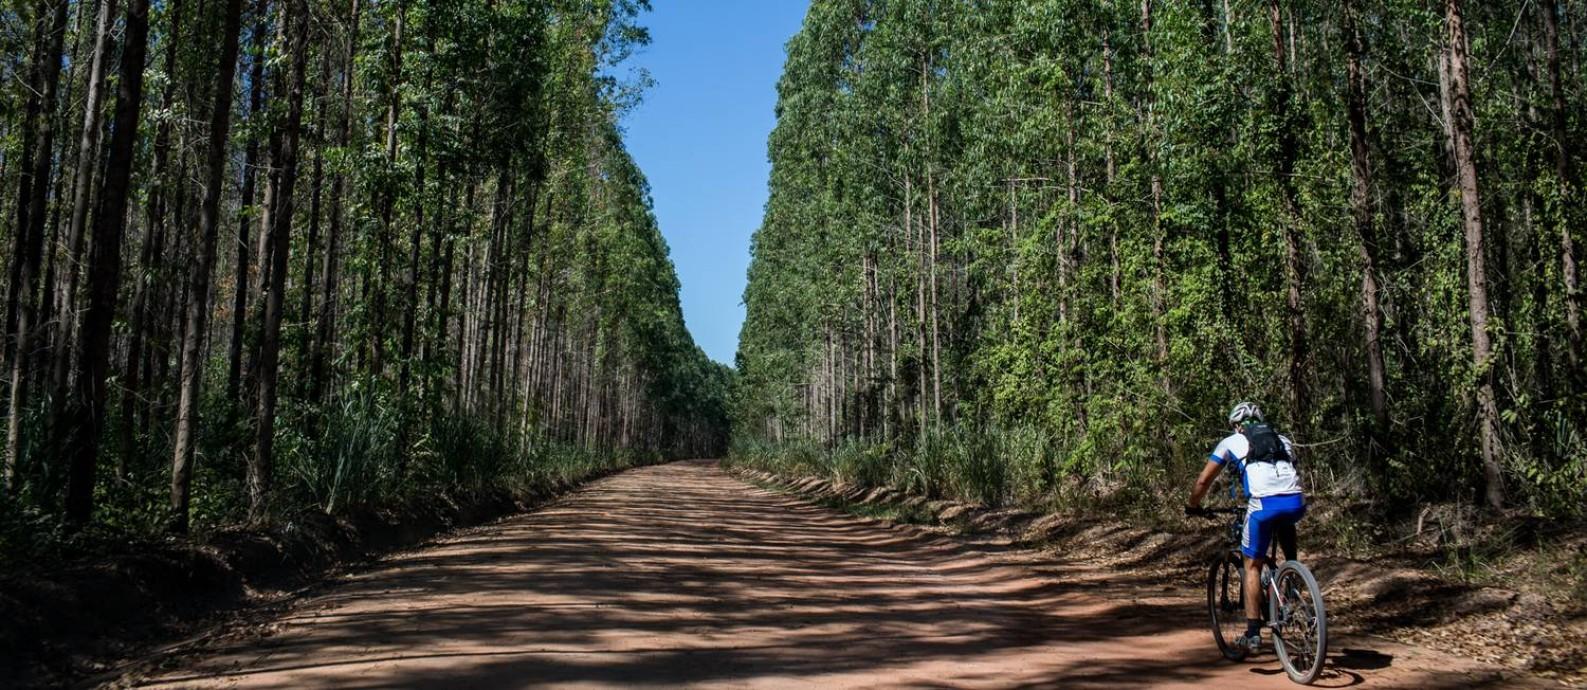 Trecho entre eucaliptos entre Espírito Santo e Bahia Foto: Flavio Forner